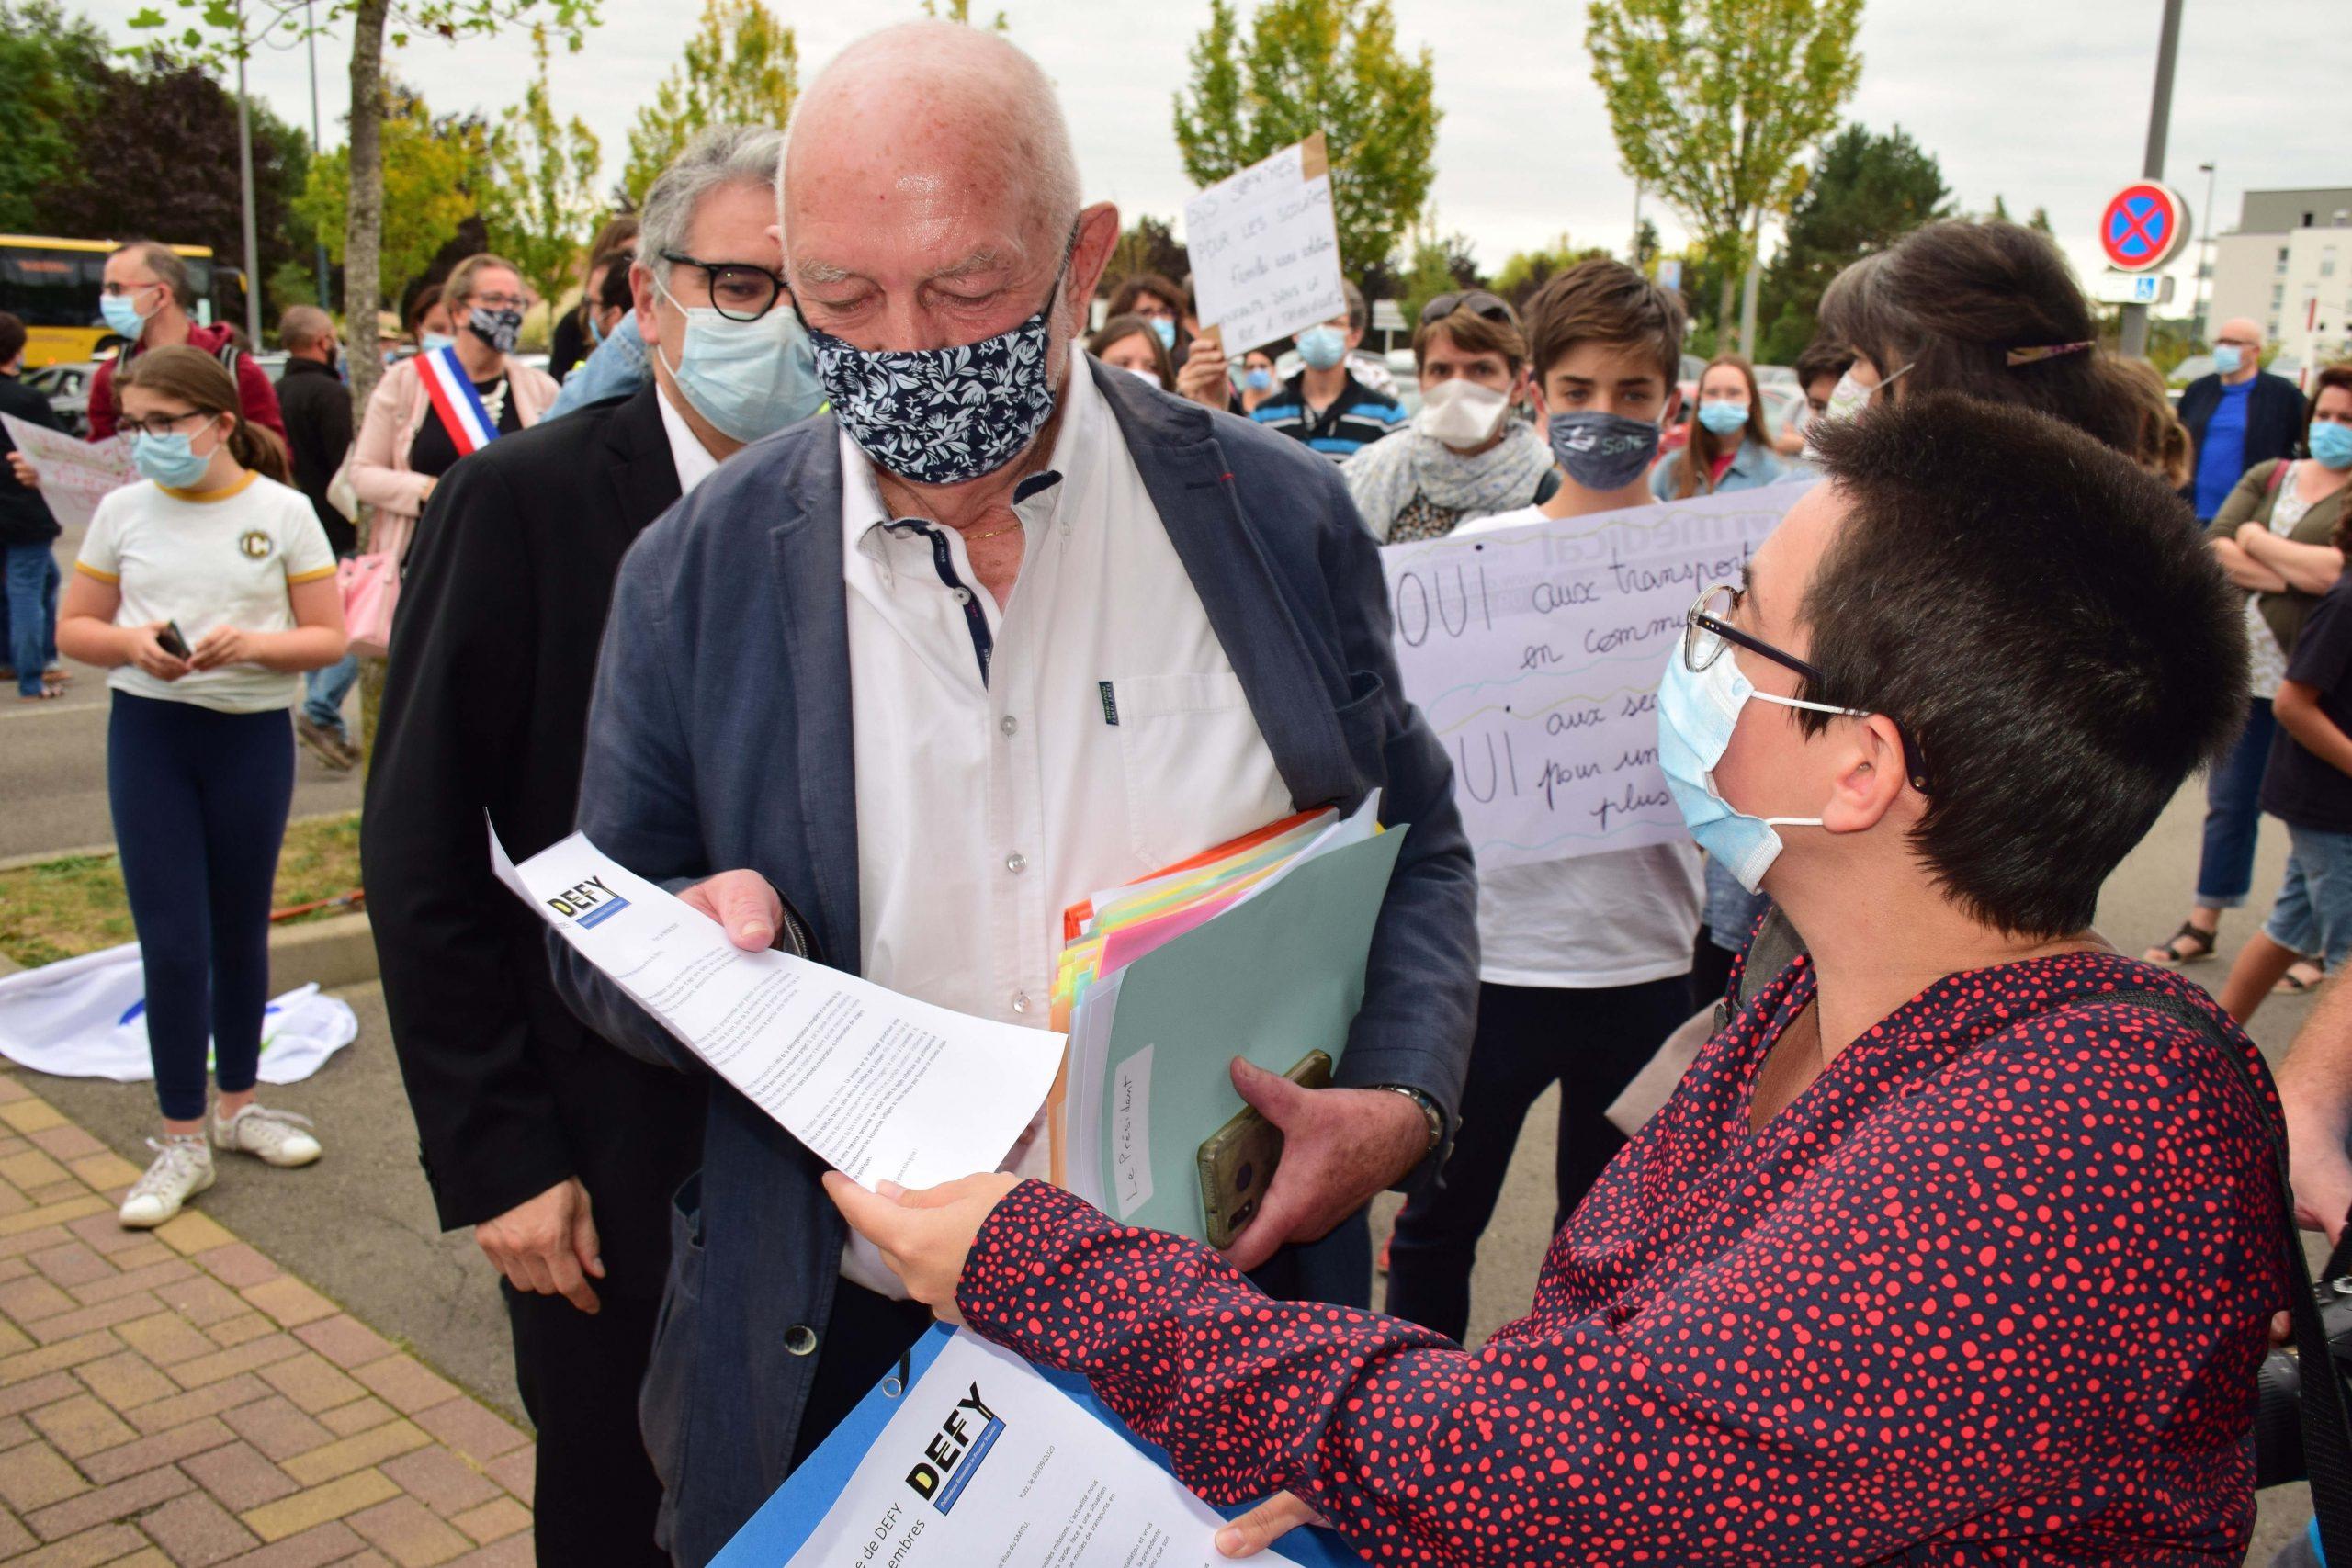 Citéline DEFY distribue sa lettre ouverte aux élus à l'entrée de la salle de réunion Remise du tract au président du Smitu 090920